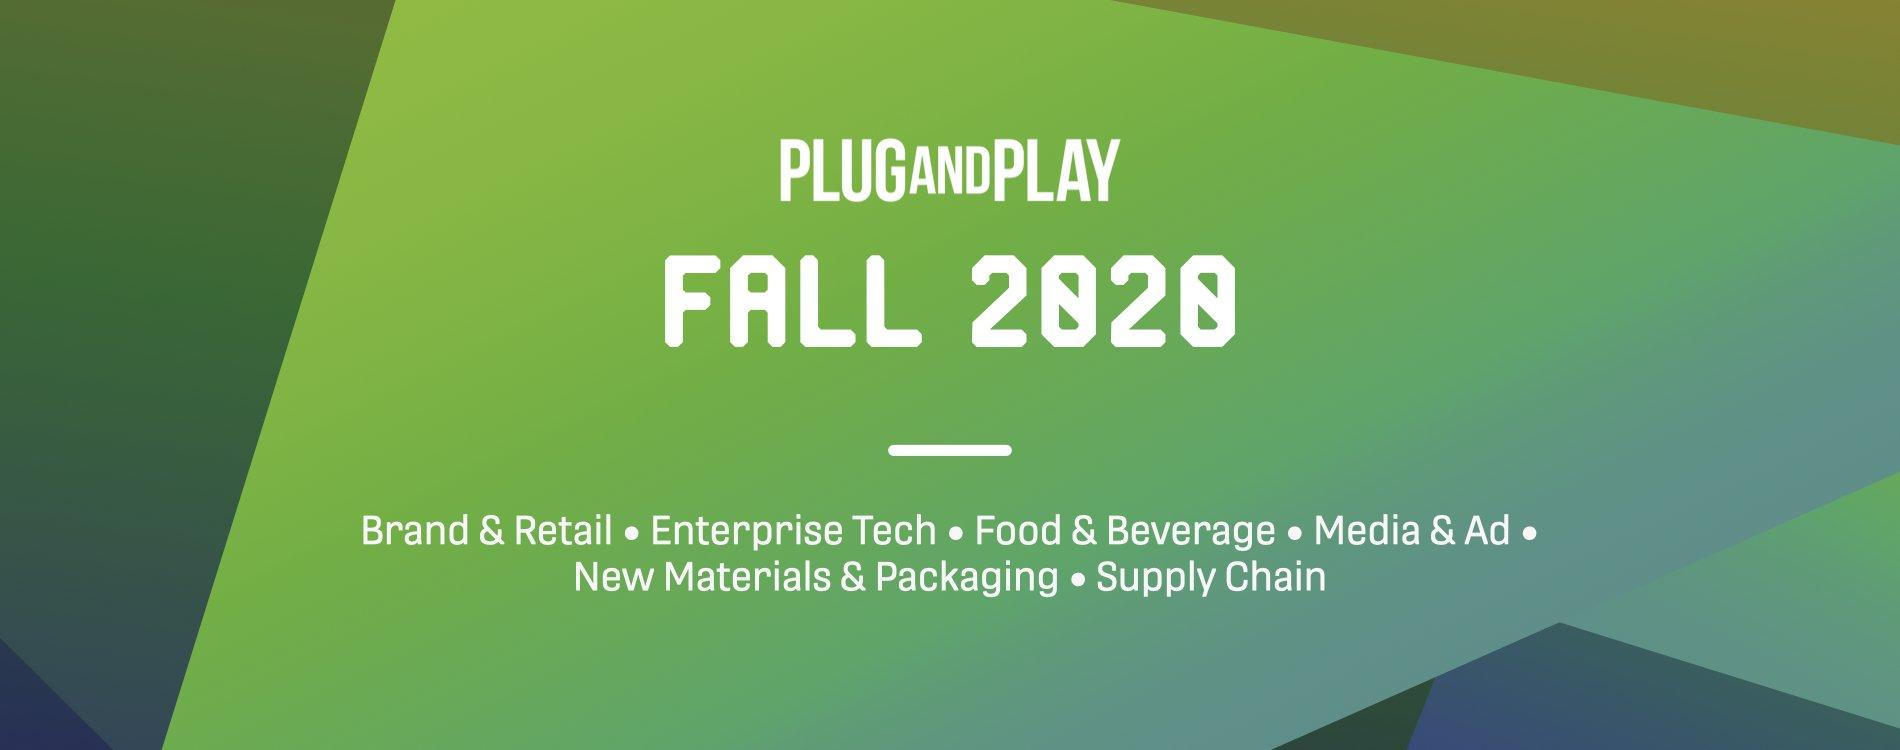 Fall 2020_website Top Banner.jpeg